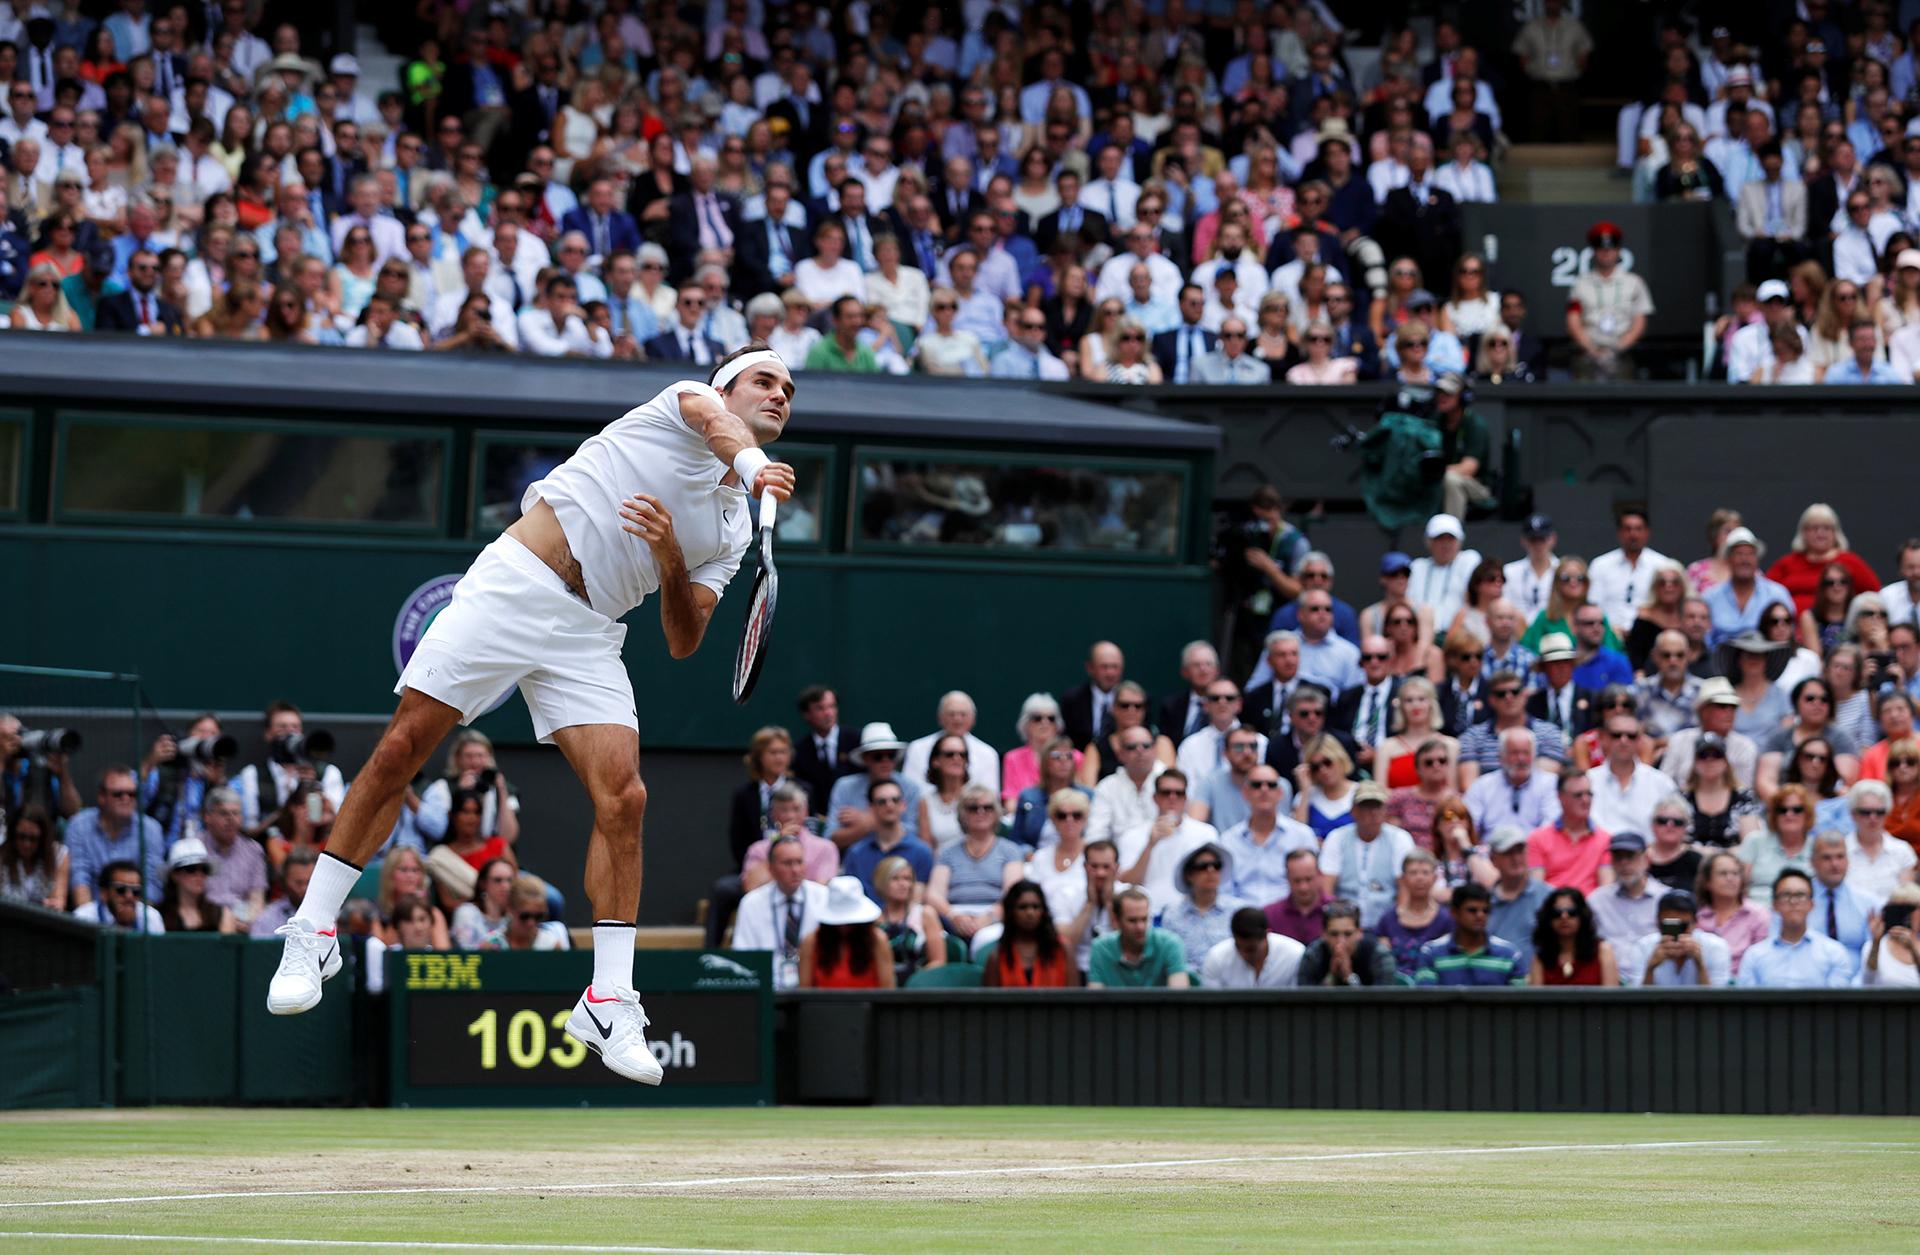 El saque de Roger Federer, un imagen icónica del All England